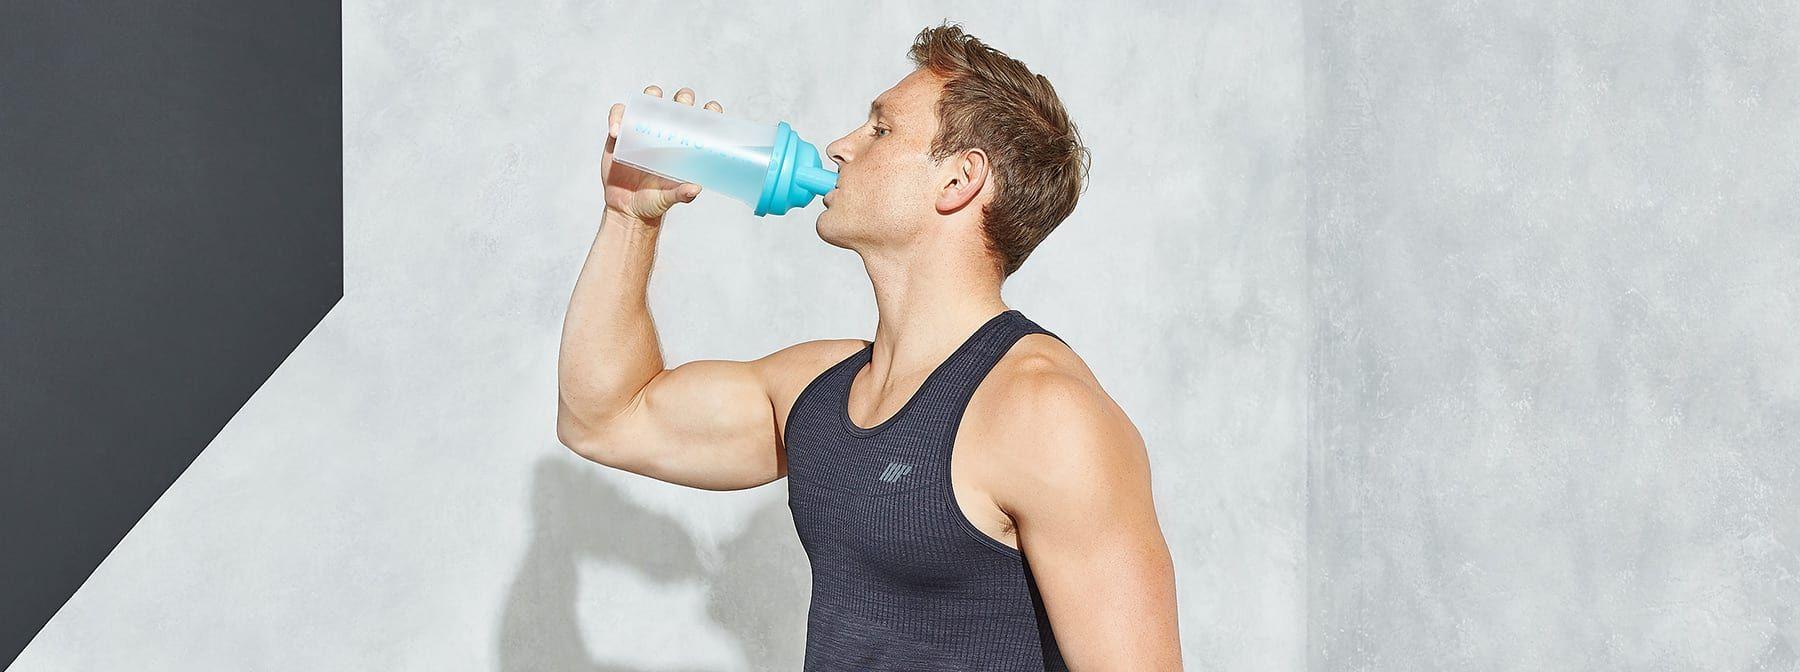 Vorteile von Pre-Workout Supplementen | Was ist das? Wann einnehmen?